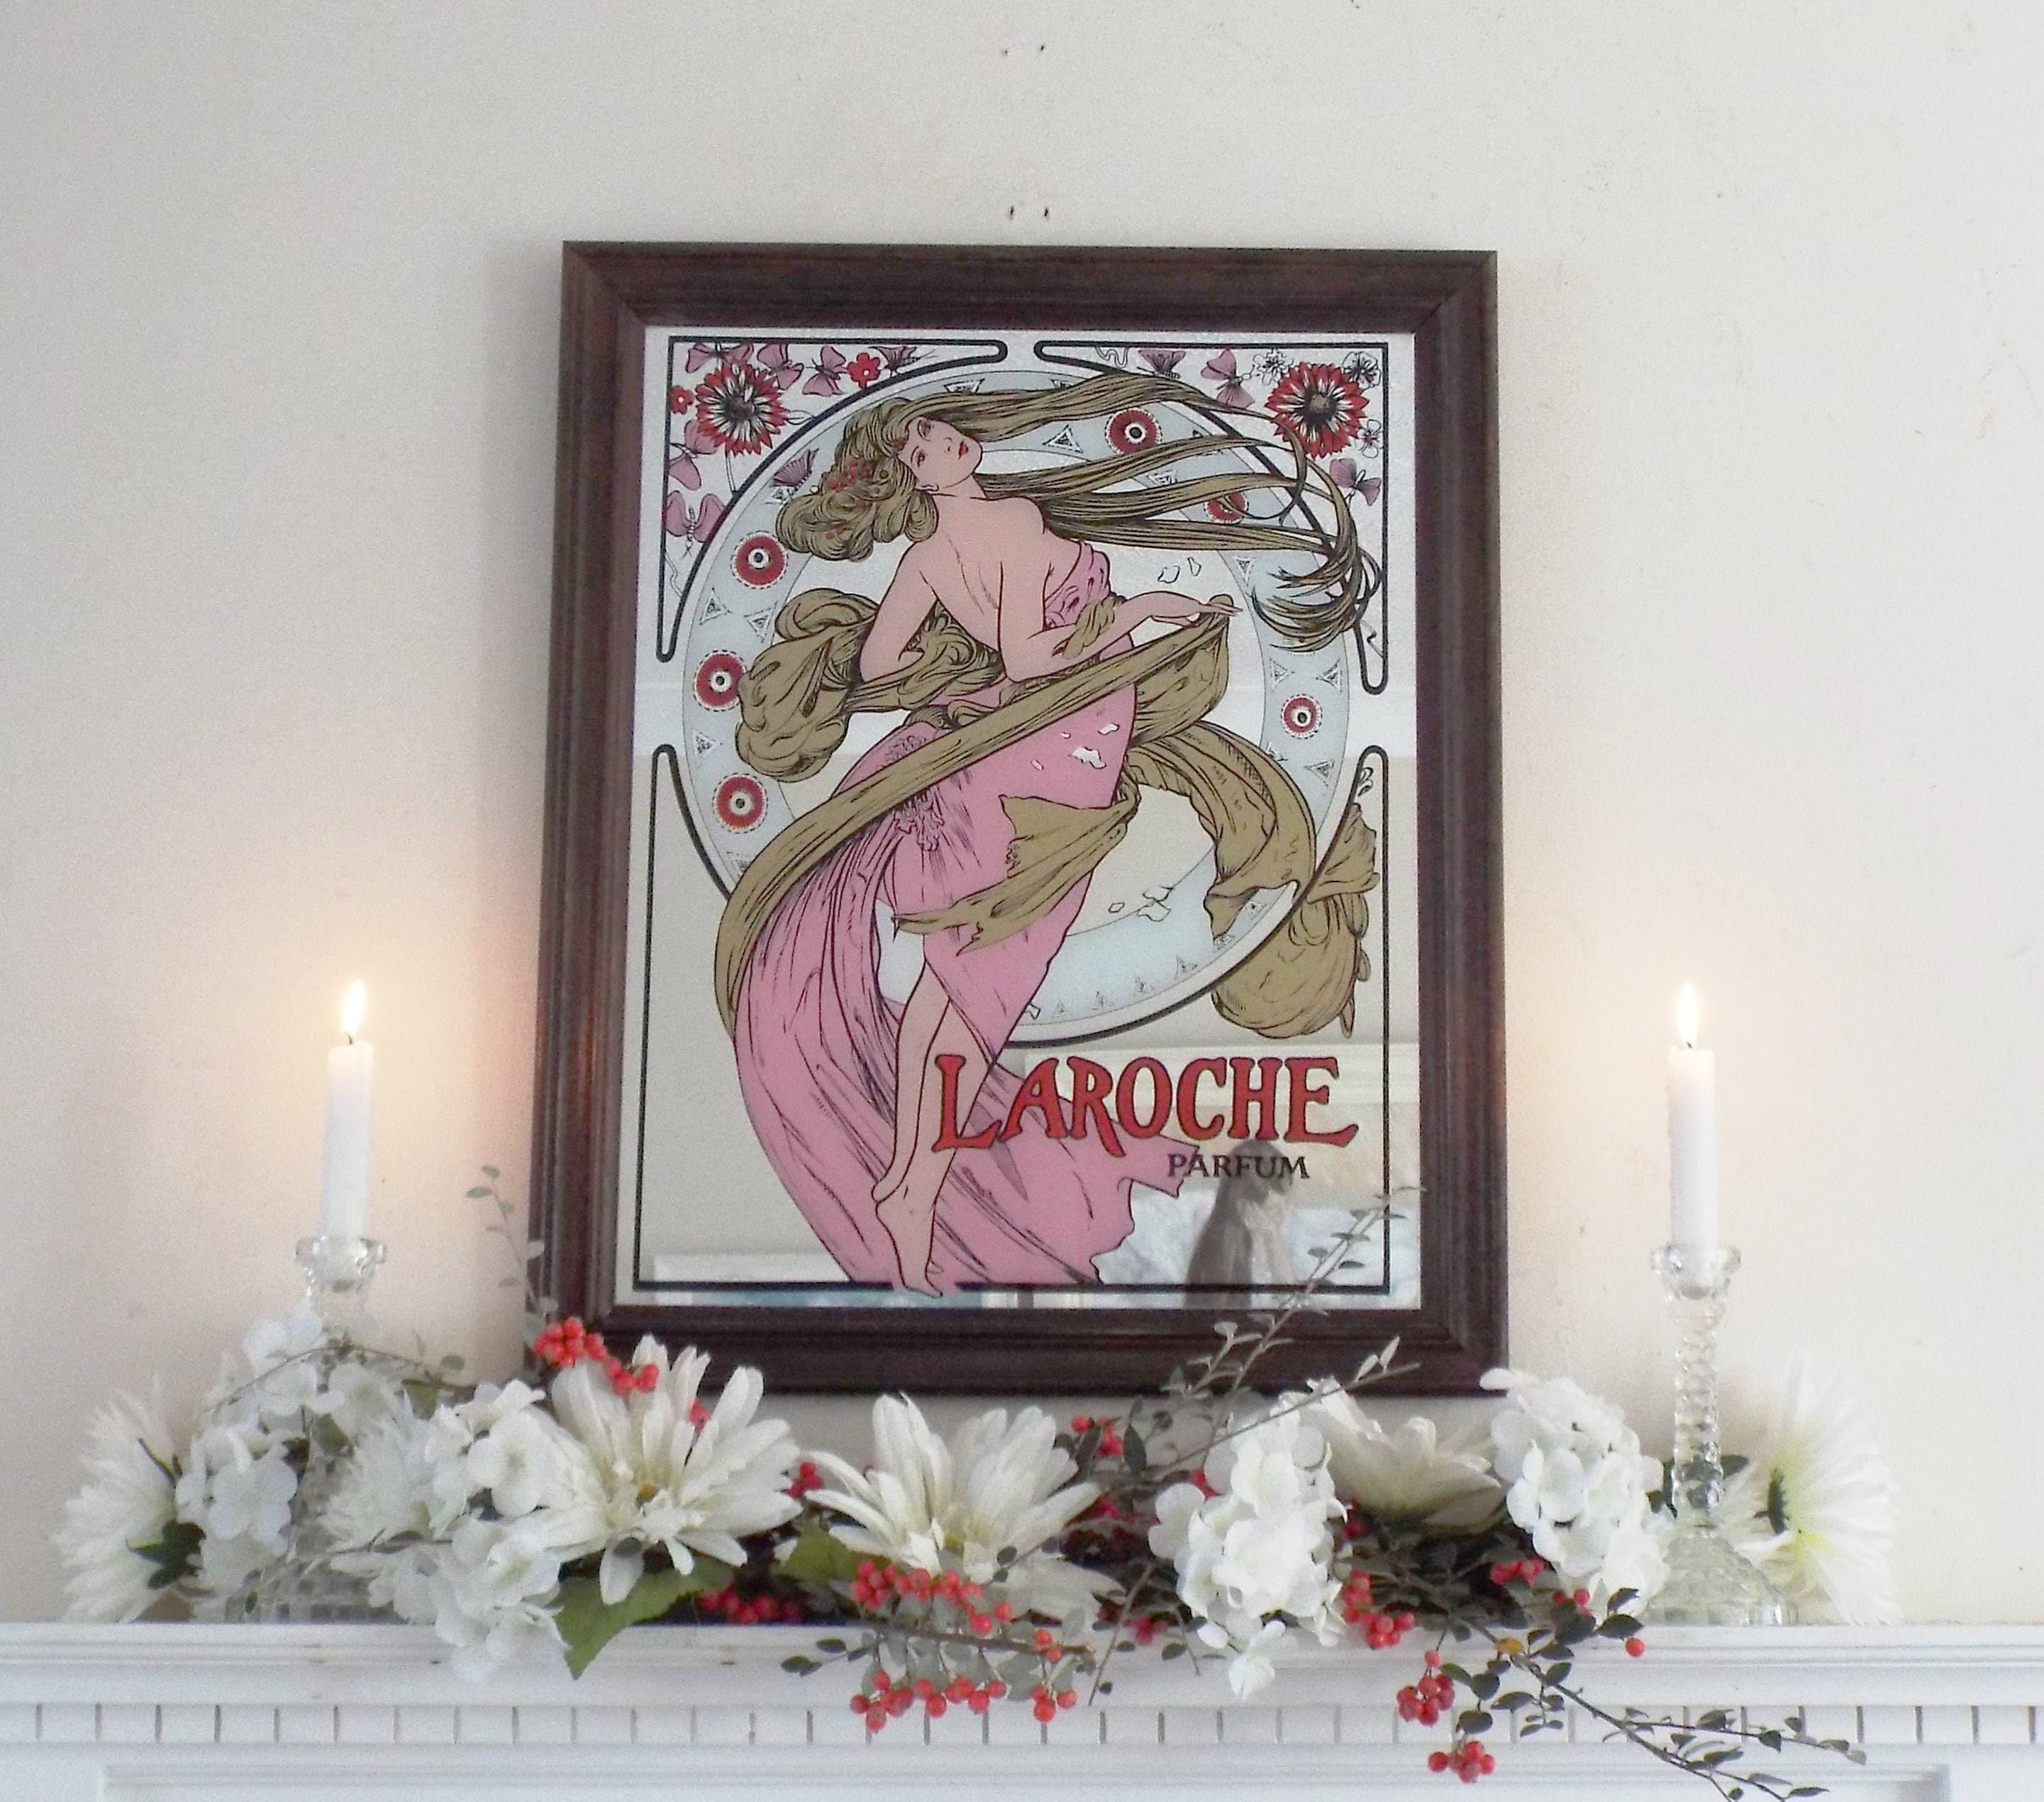 Große Laroche Parfum Spiegel Vintage gemalt Halle Spiegel | Etsy